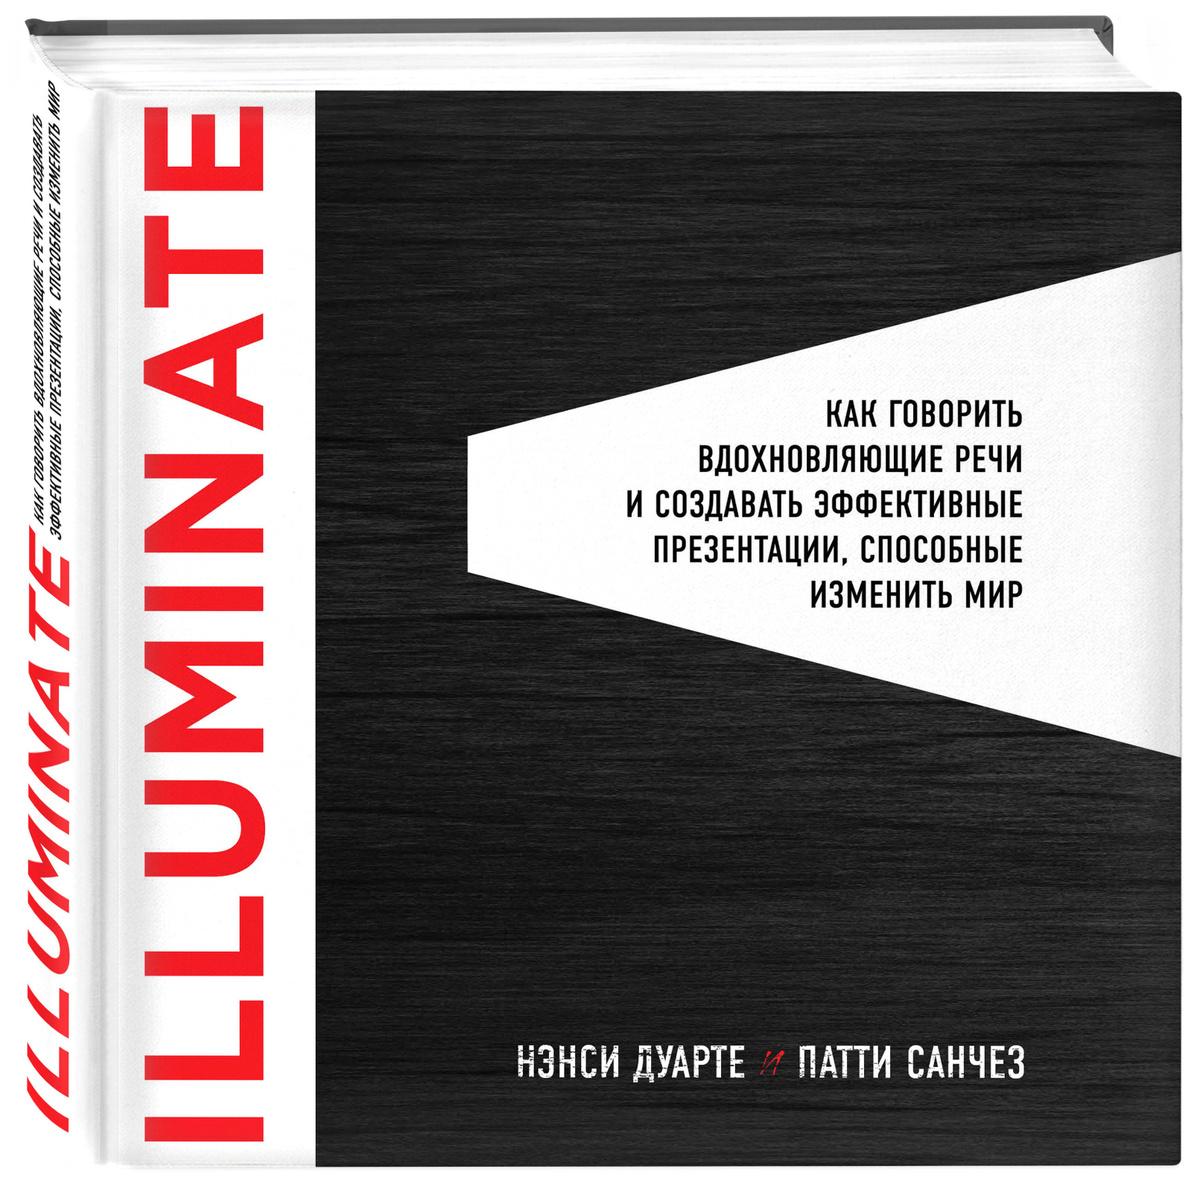 Illuminate: как говорить вдохновляющие речи и создавать эффективные презентации, способные изменить историю #1